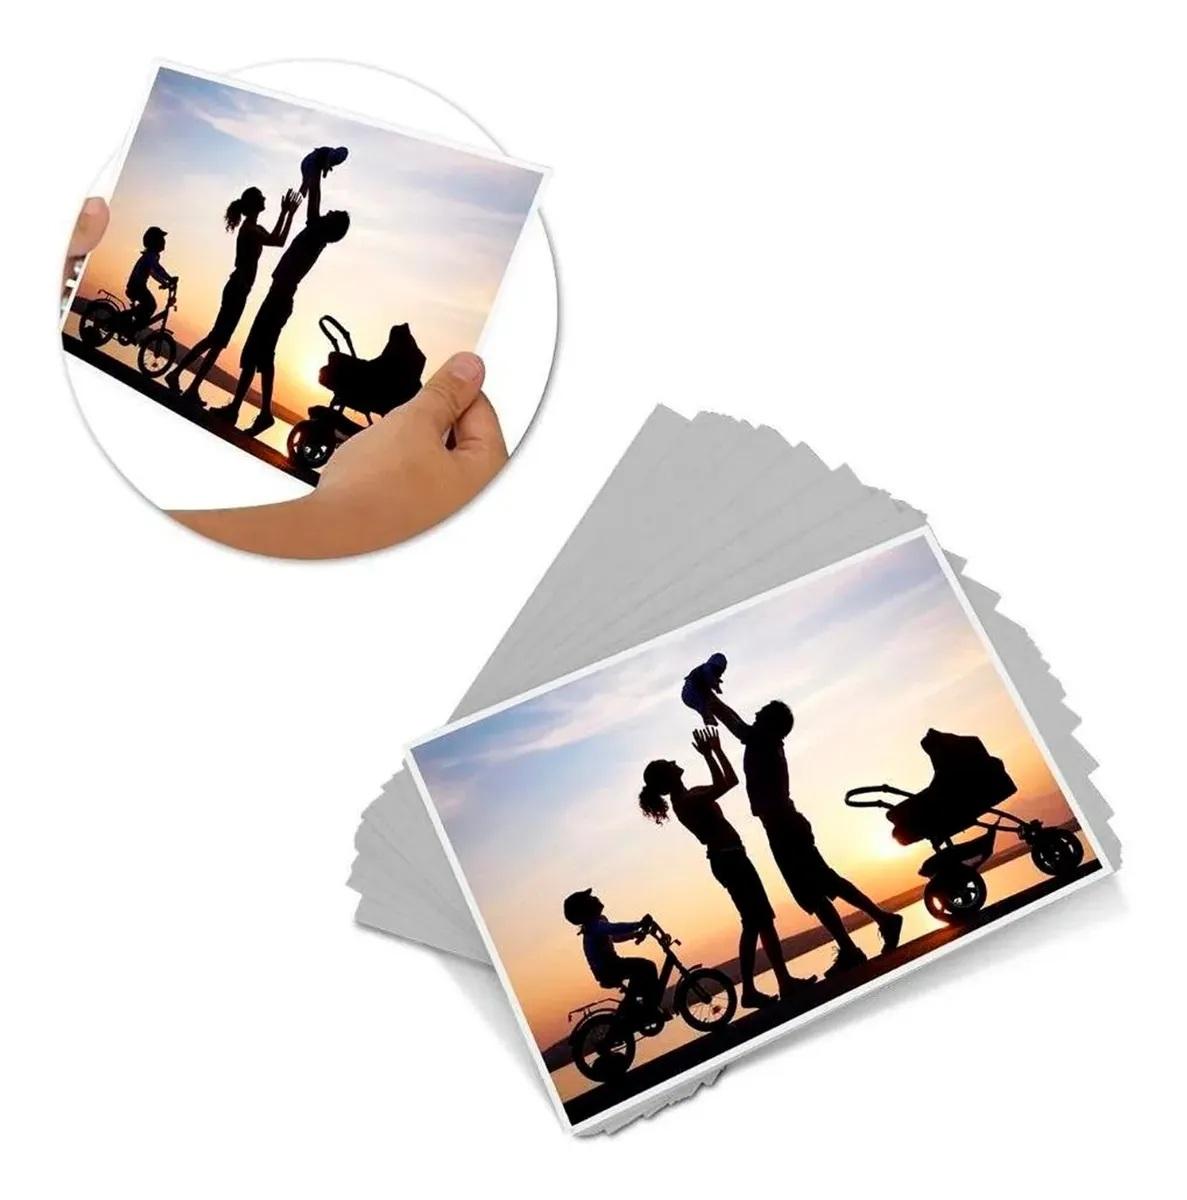 Papel Fotográfico 3d Efeito Holográfico A4 180g C/20 Folhas